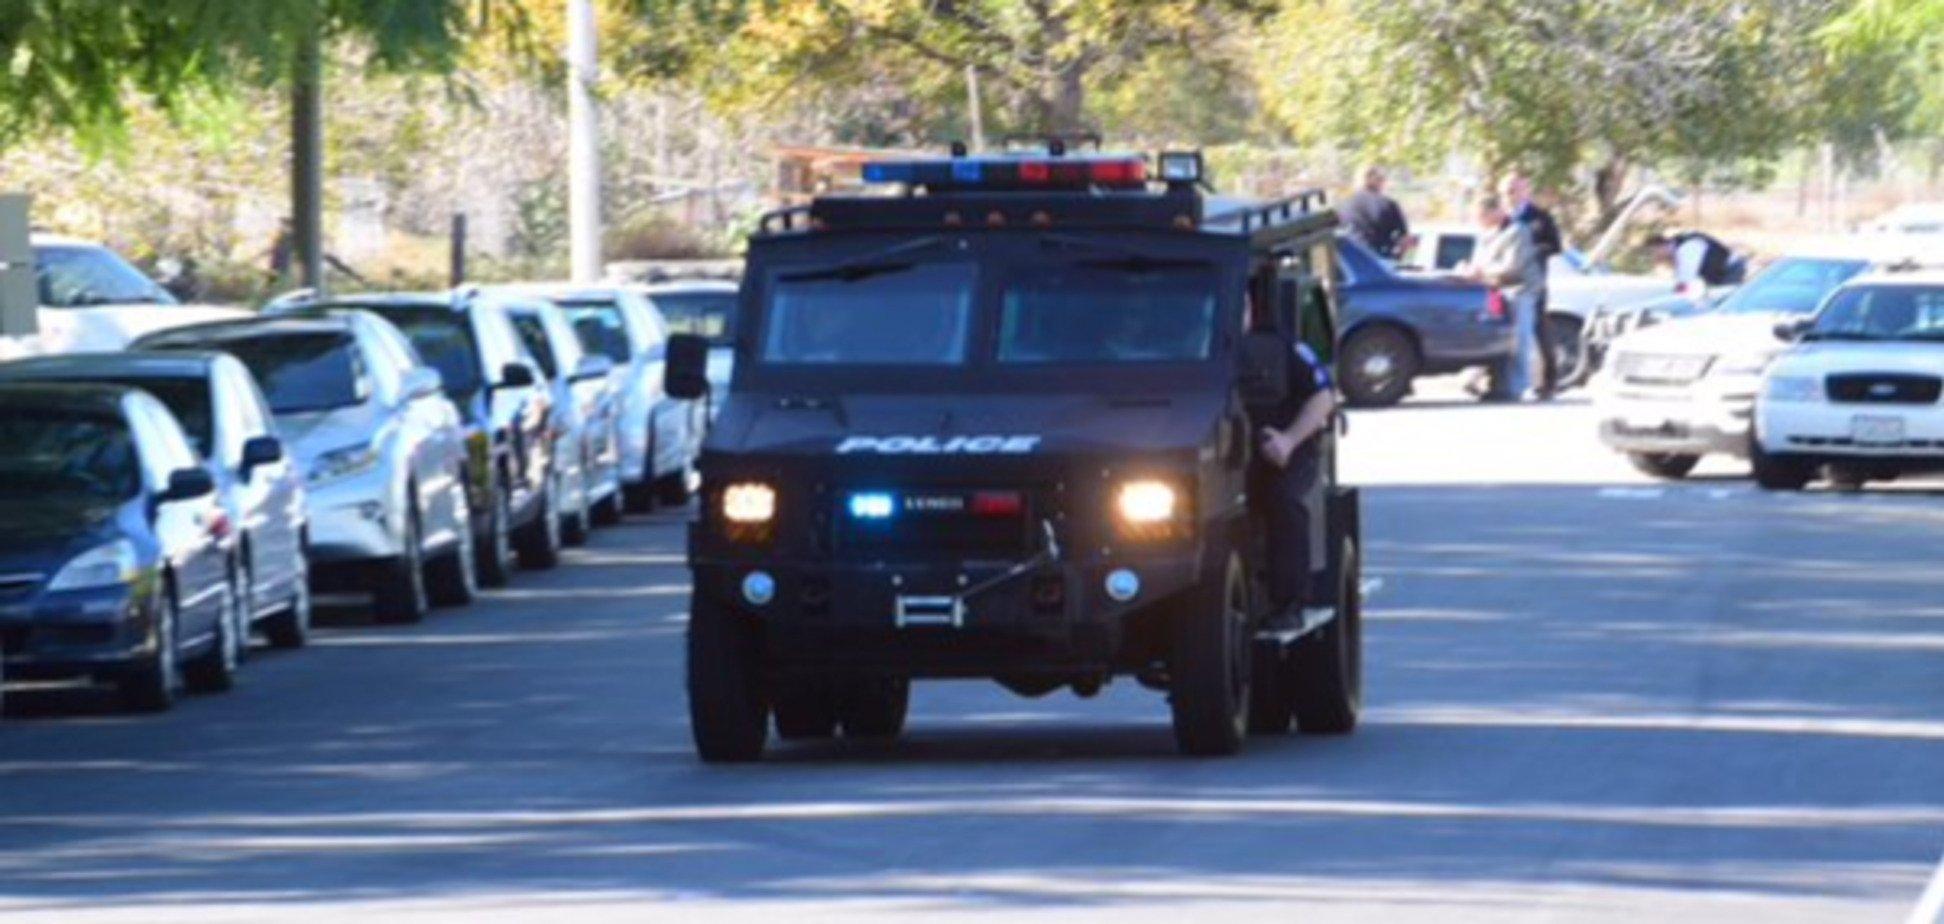 Каліфорнійський стрілець 'озброєний до зубів' і носить бронежилет - поліція